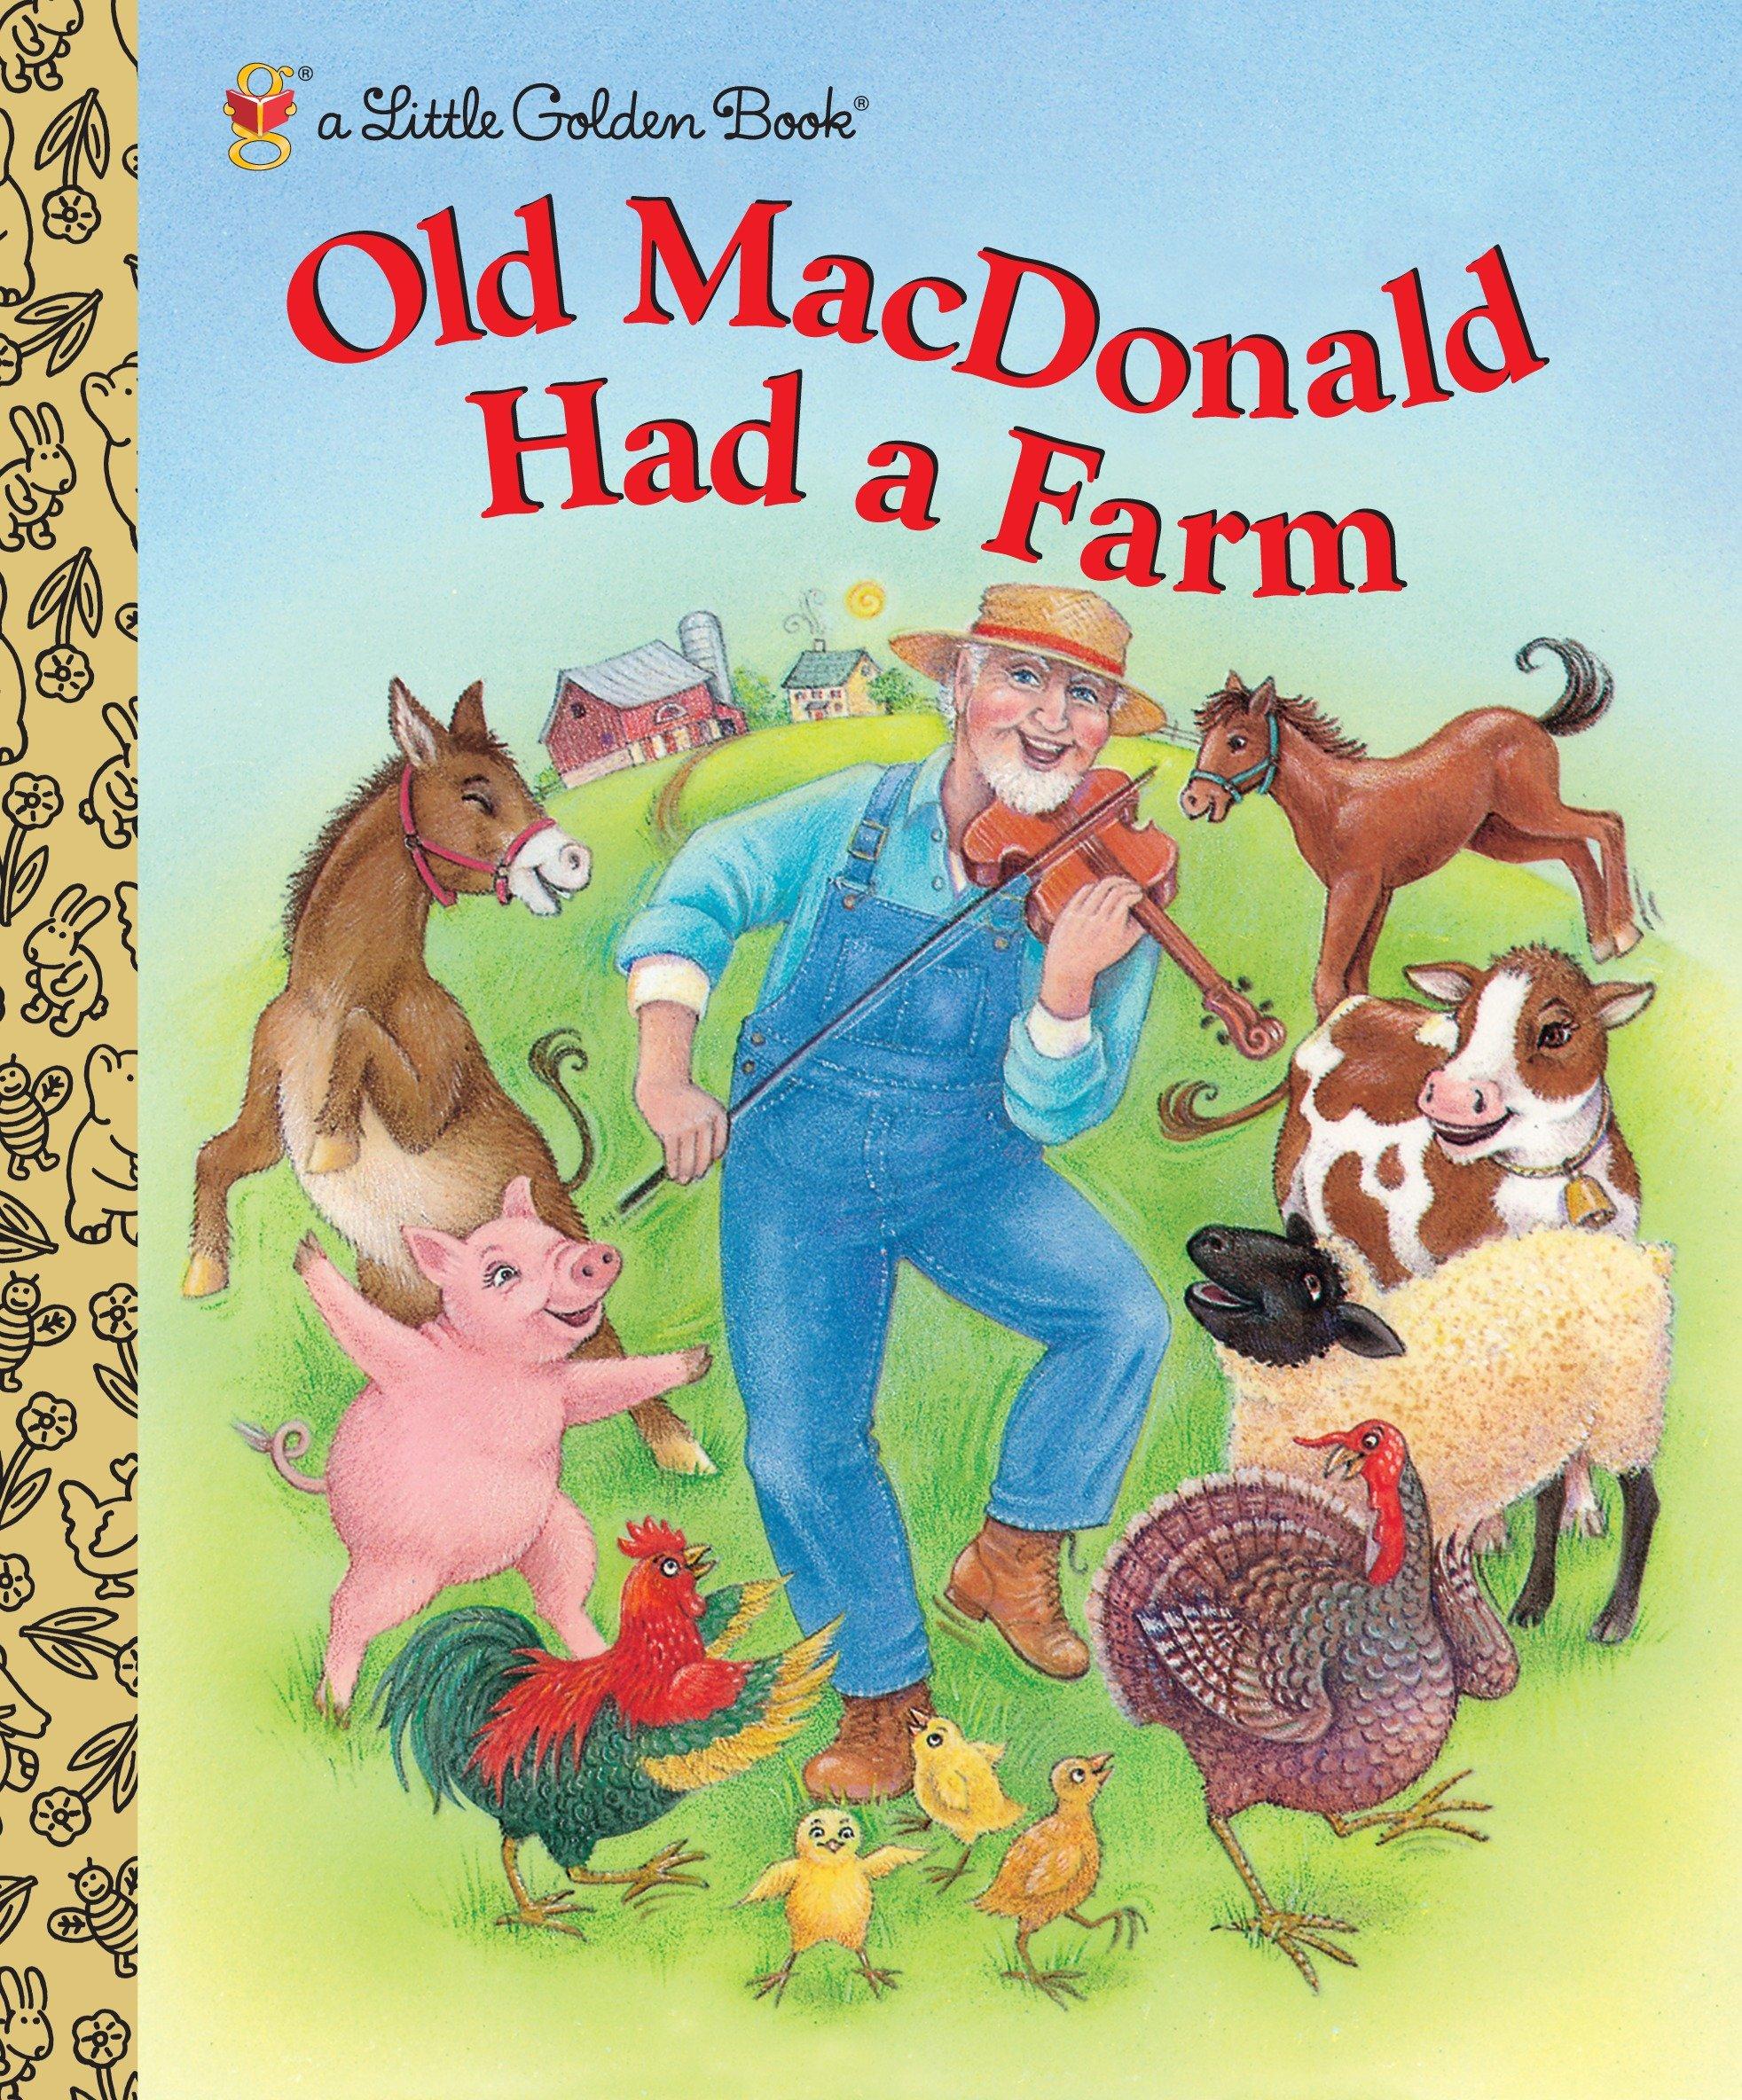 Old MacDonald had a farm cover image